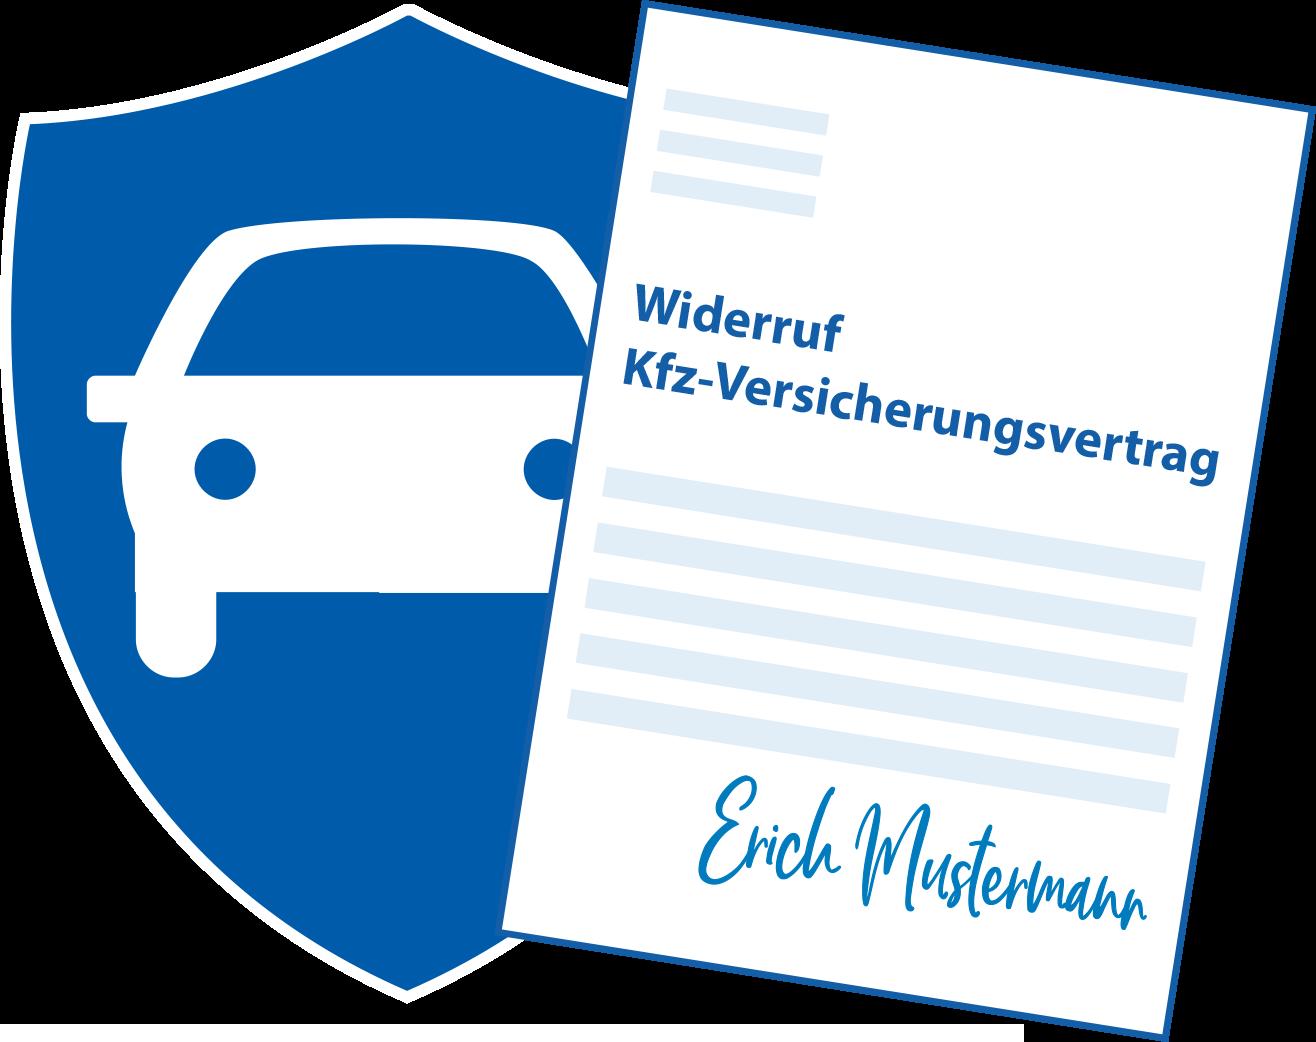 Kfz Versicherung Widerrufen Frist Und Vorlage Check24